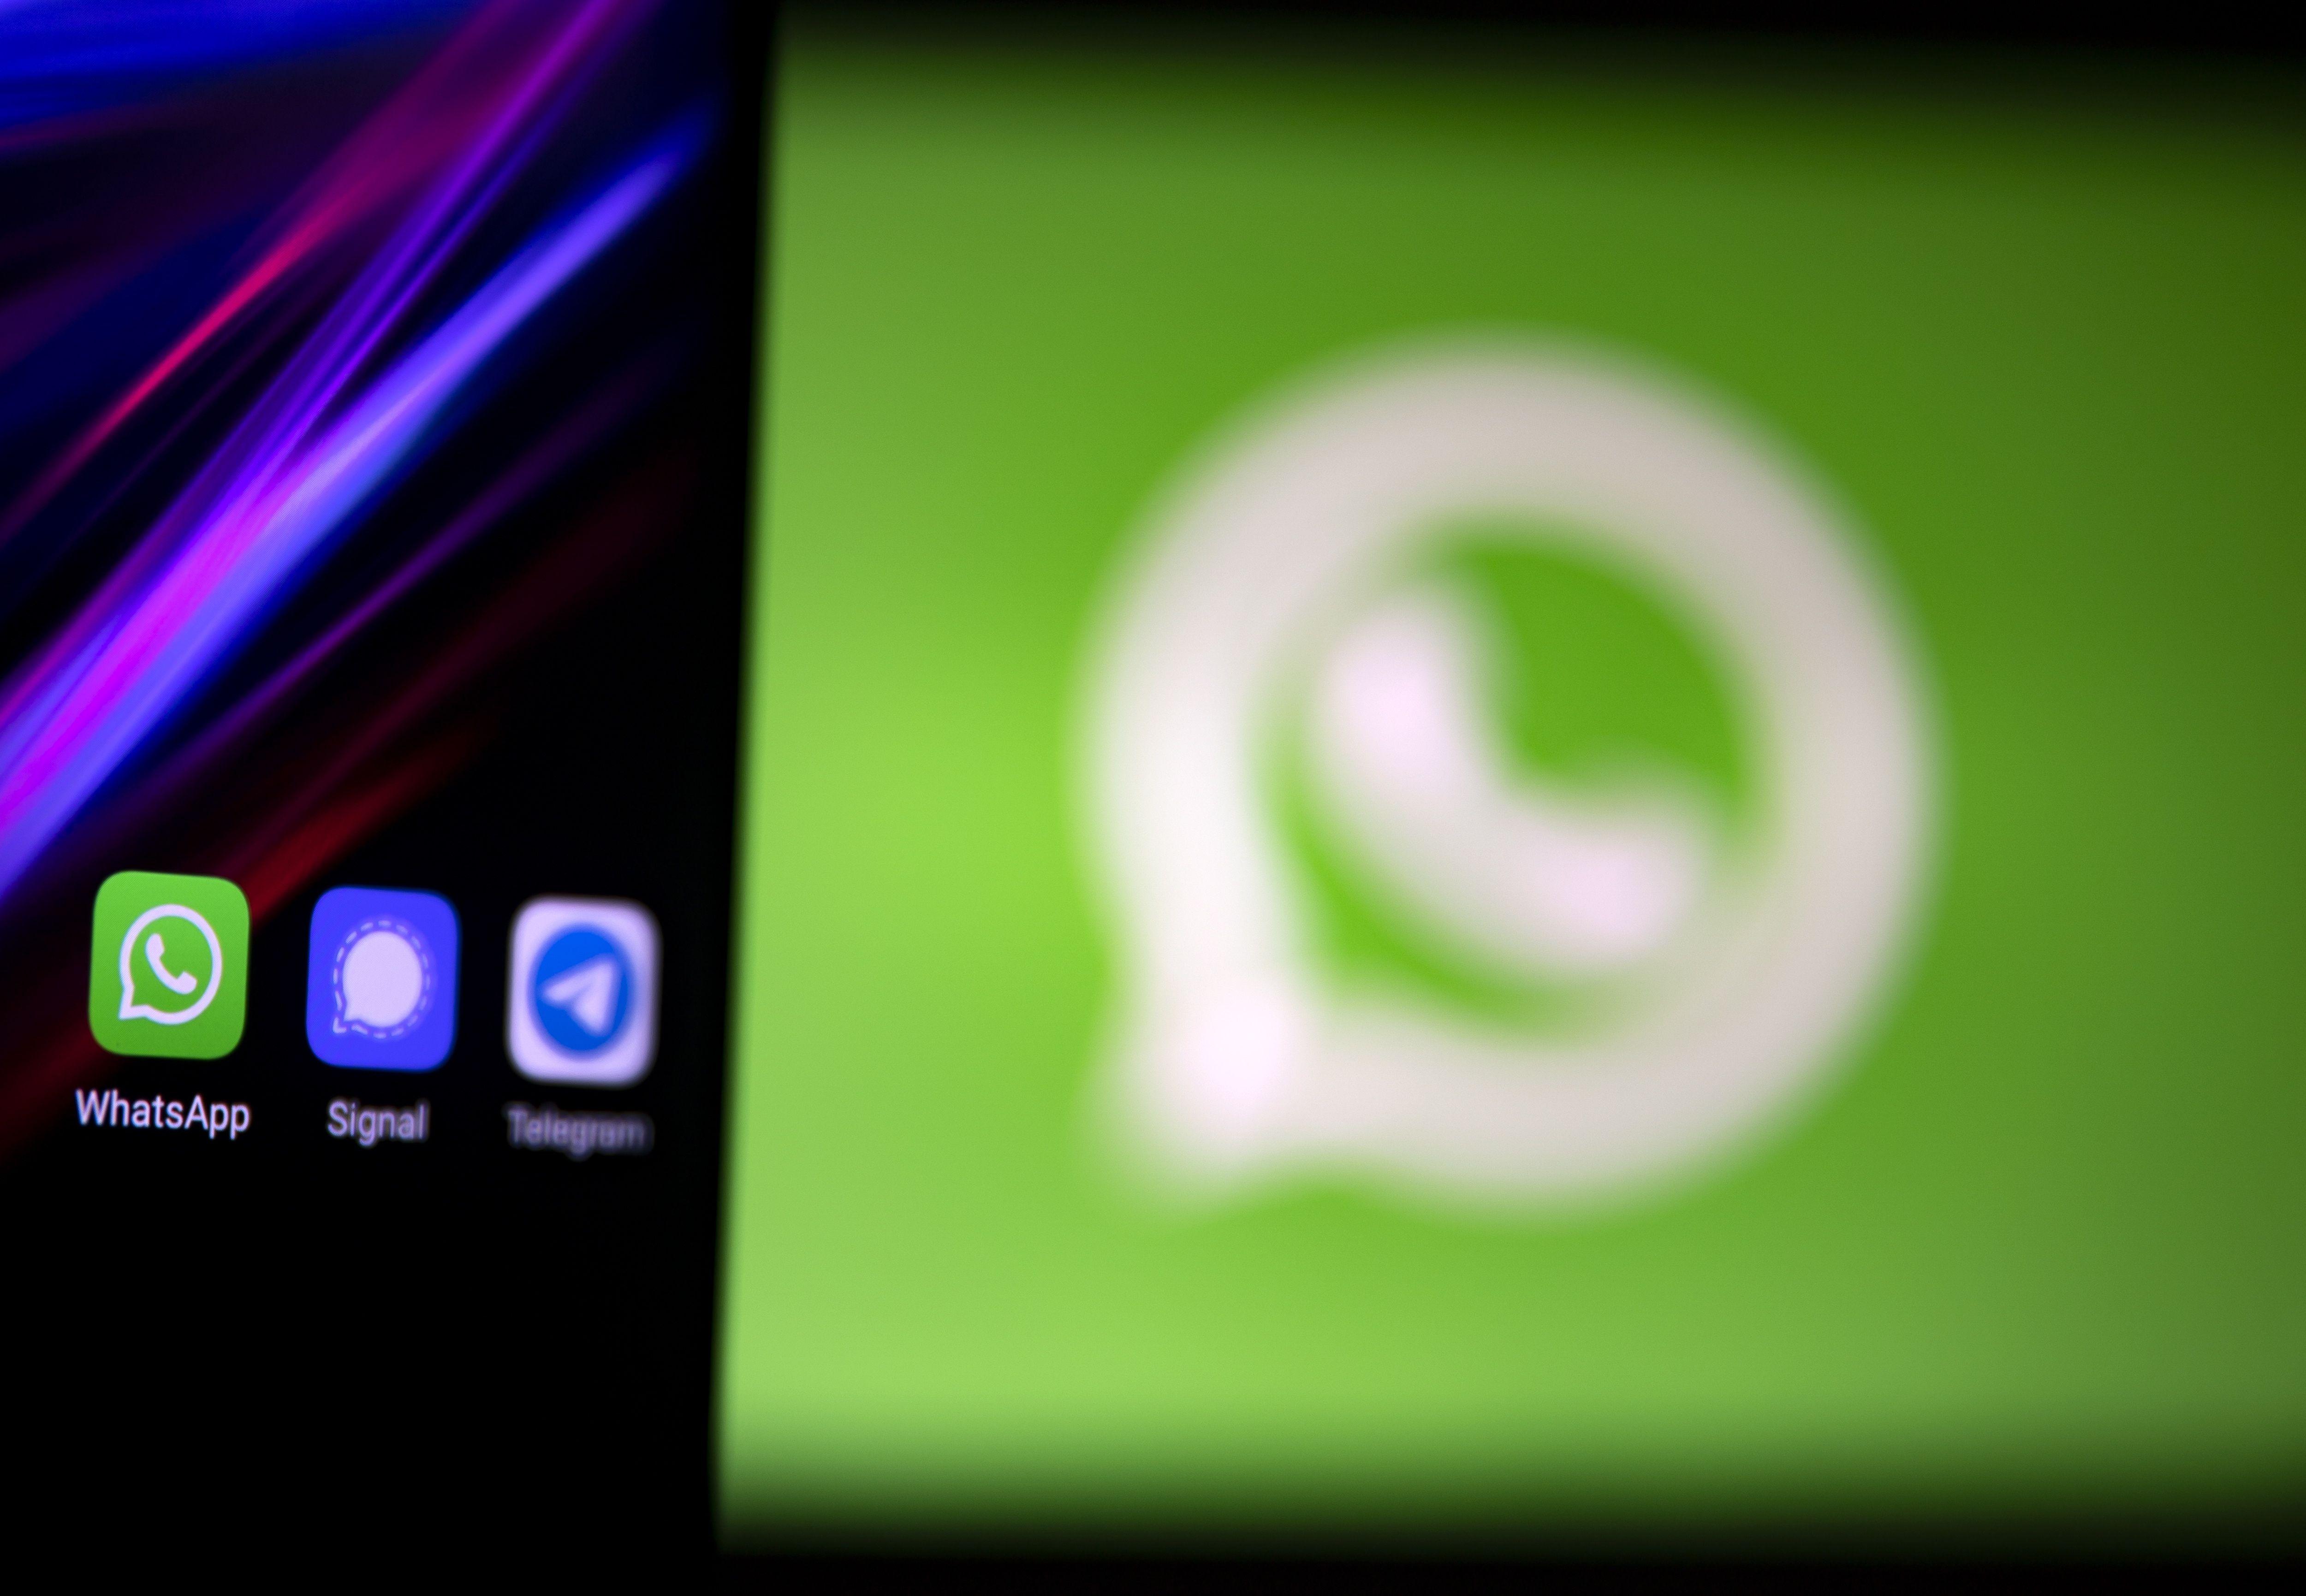 WhatsApp, que fue adquirida por Facebook en 2014, cuenta con 2.000 millones de usuarios en todo el mundo, lo que la convierte en la plataforma de mensajería por internet más usada. EFE/EPA/IAN LANGSDON/Archivo